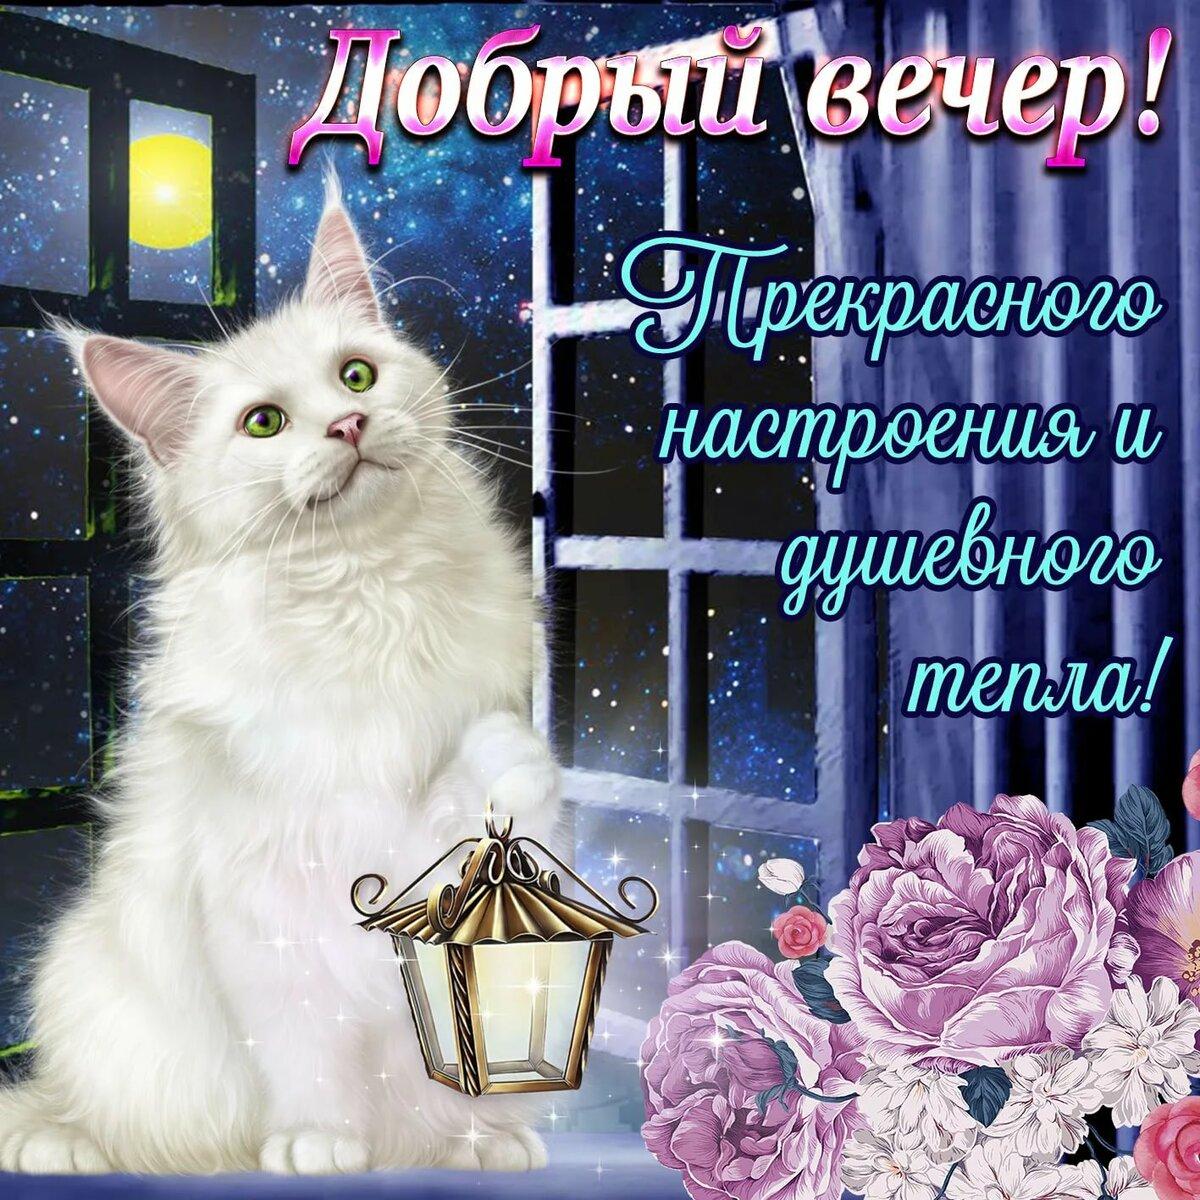 Красивые открытки с пожеланием добрый вечер